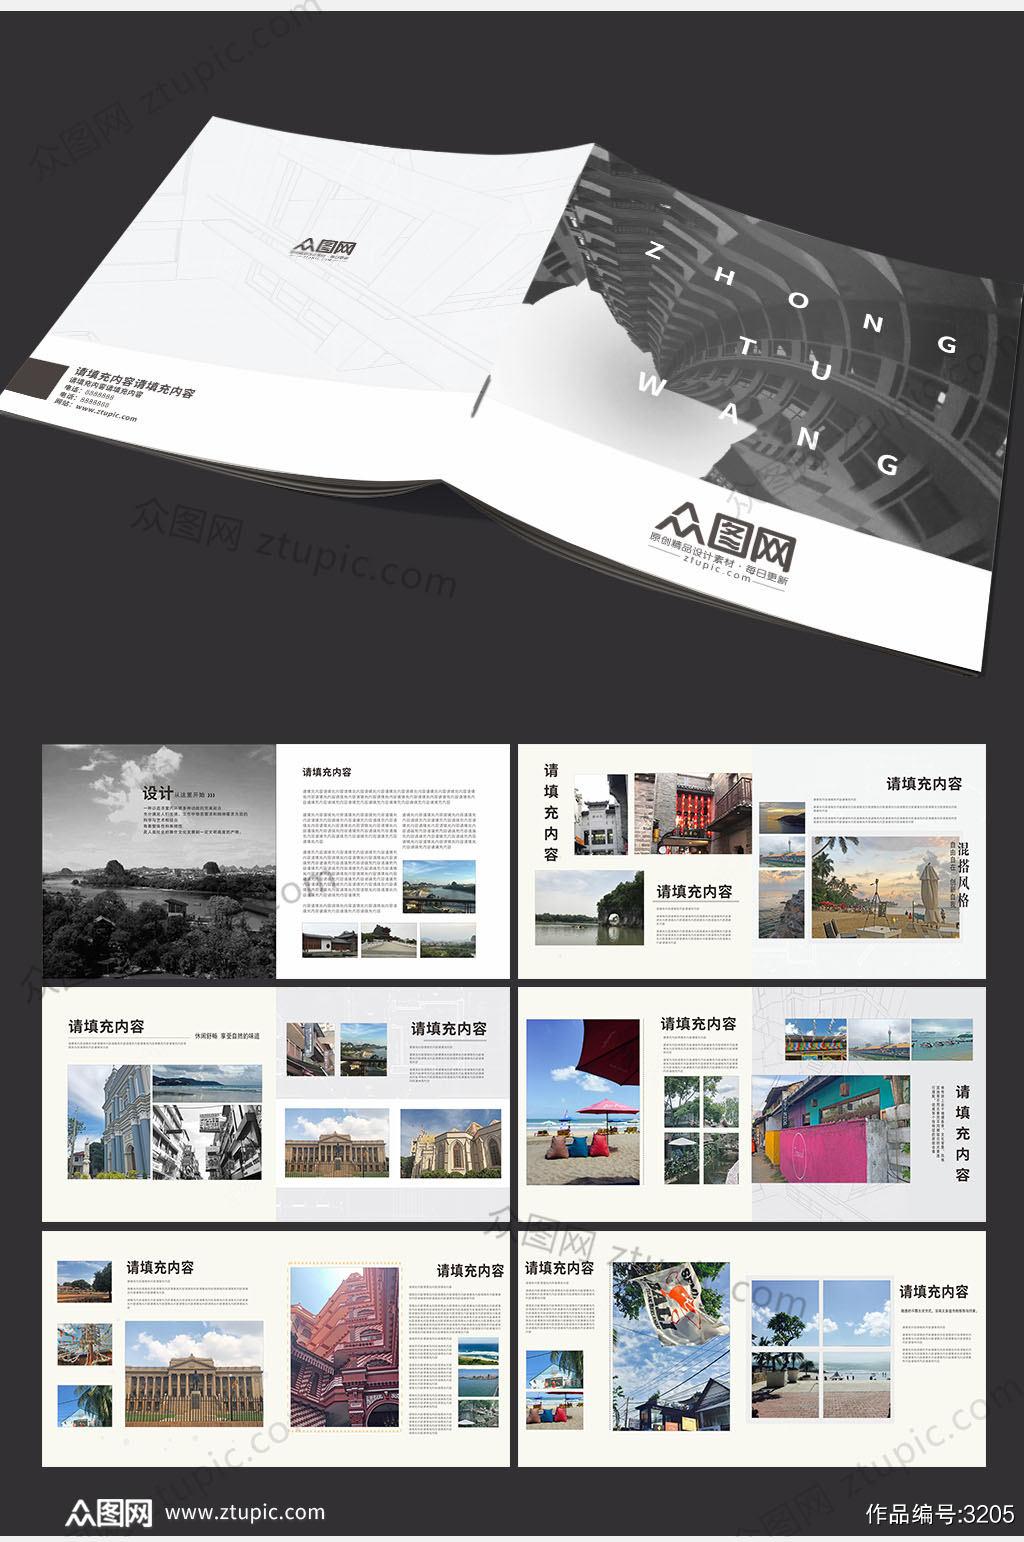 商业地产画册整套设计素材